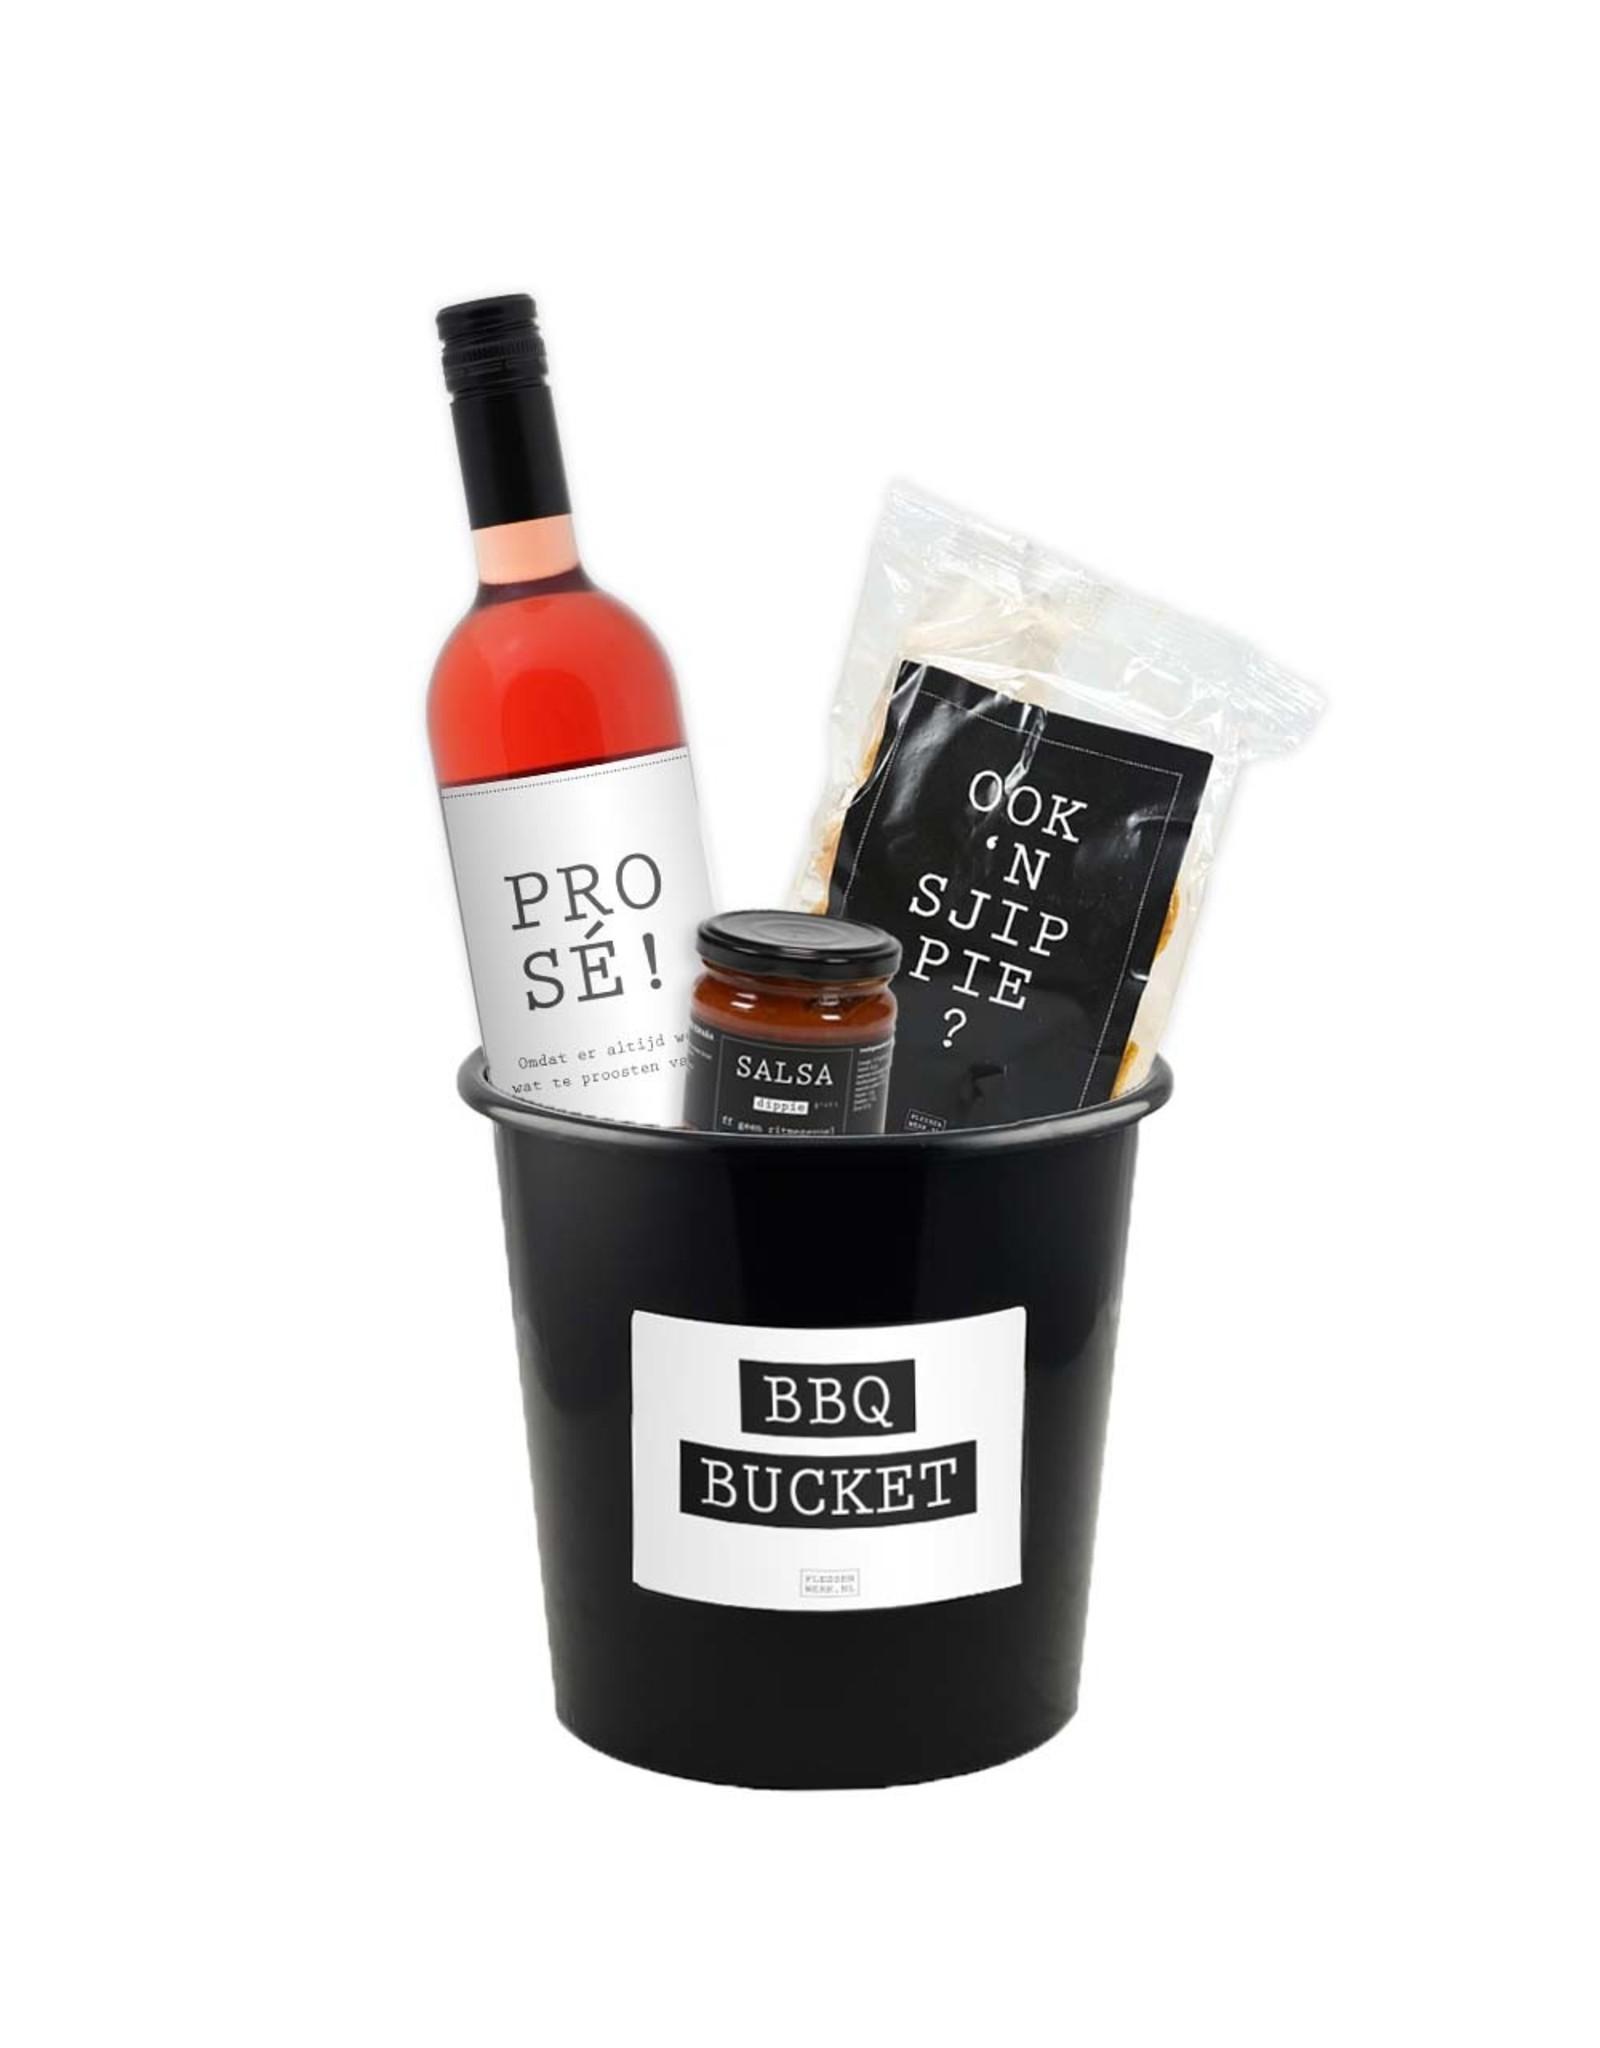 BBQ-bucket - klein (3 liter) - per 12